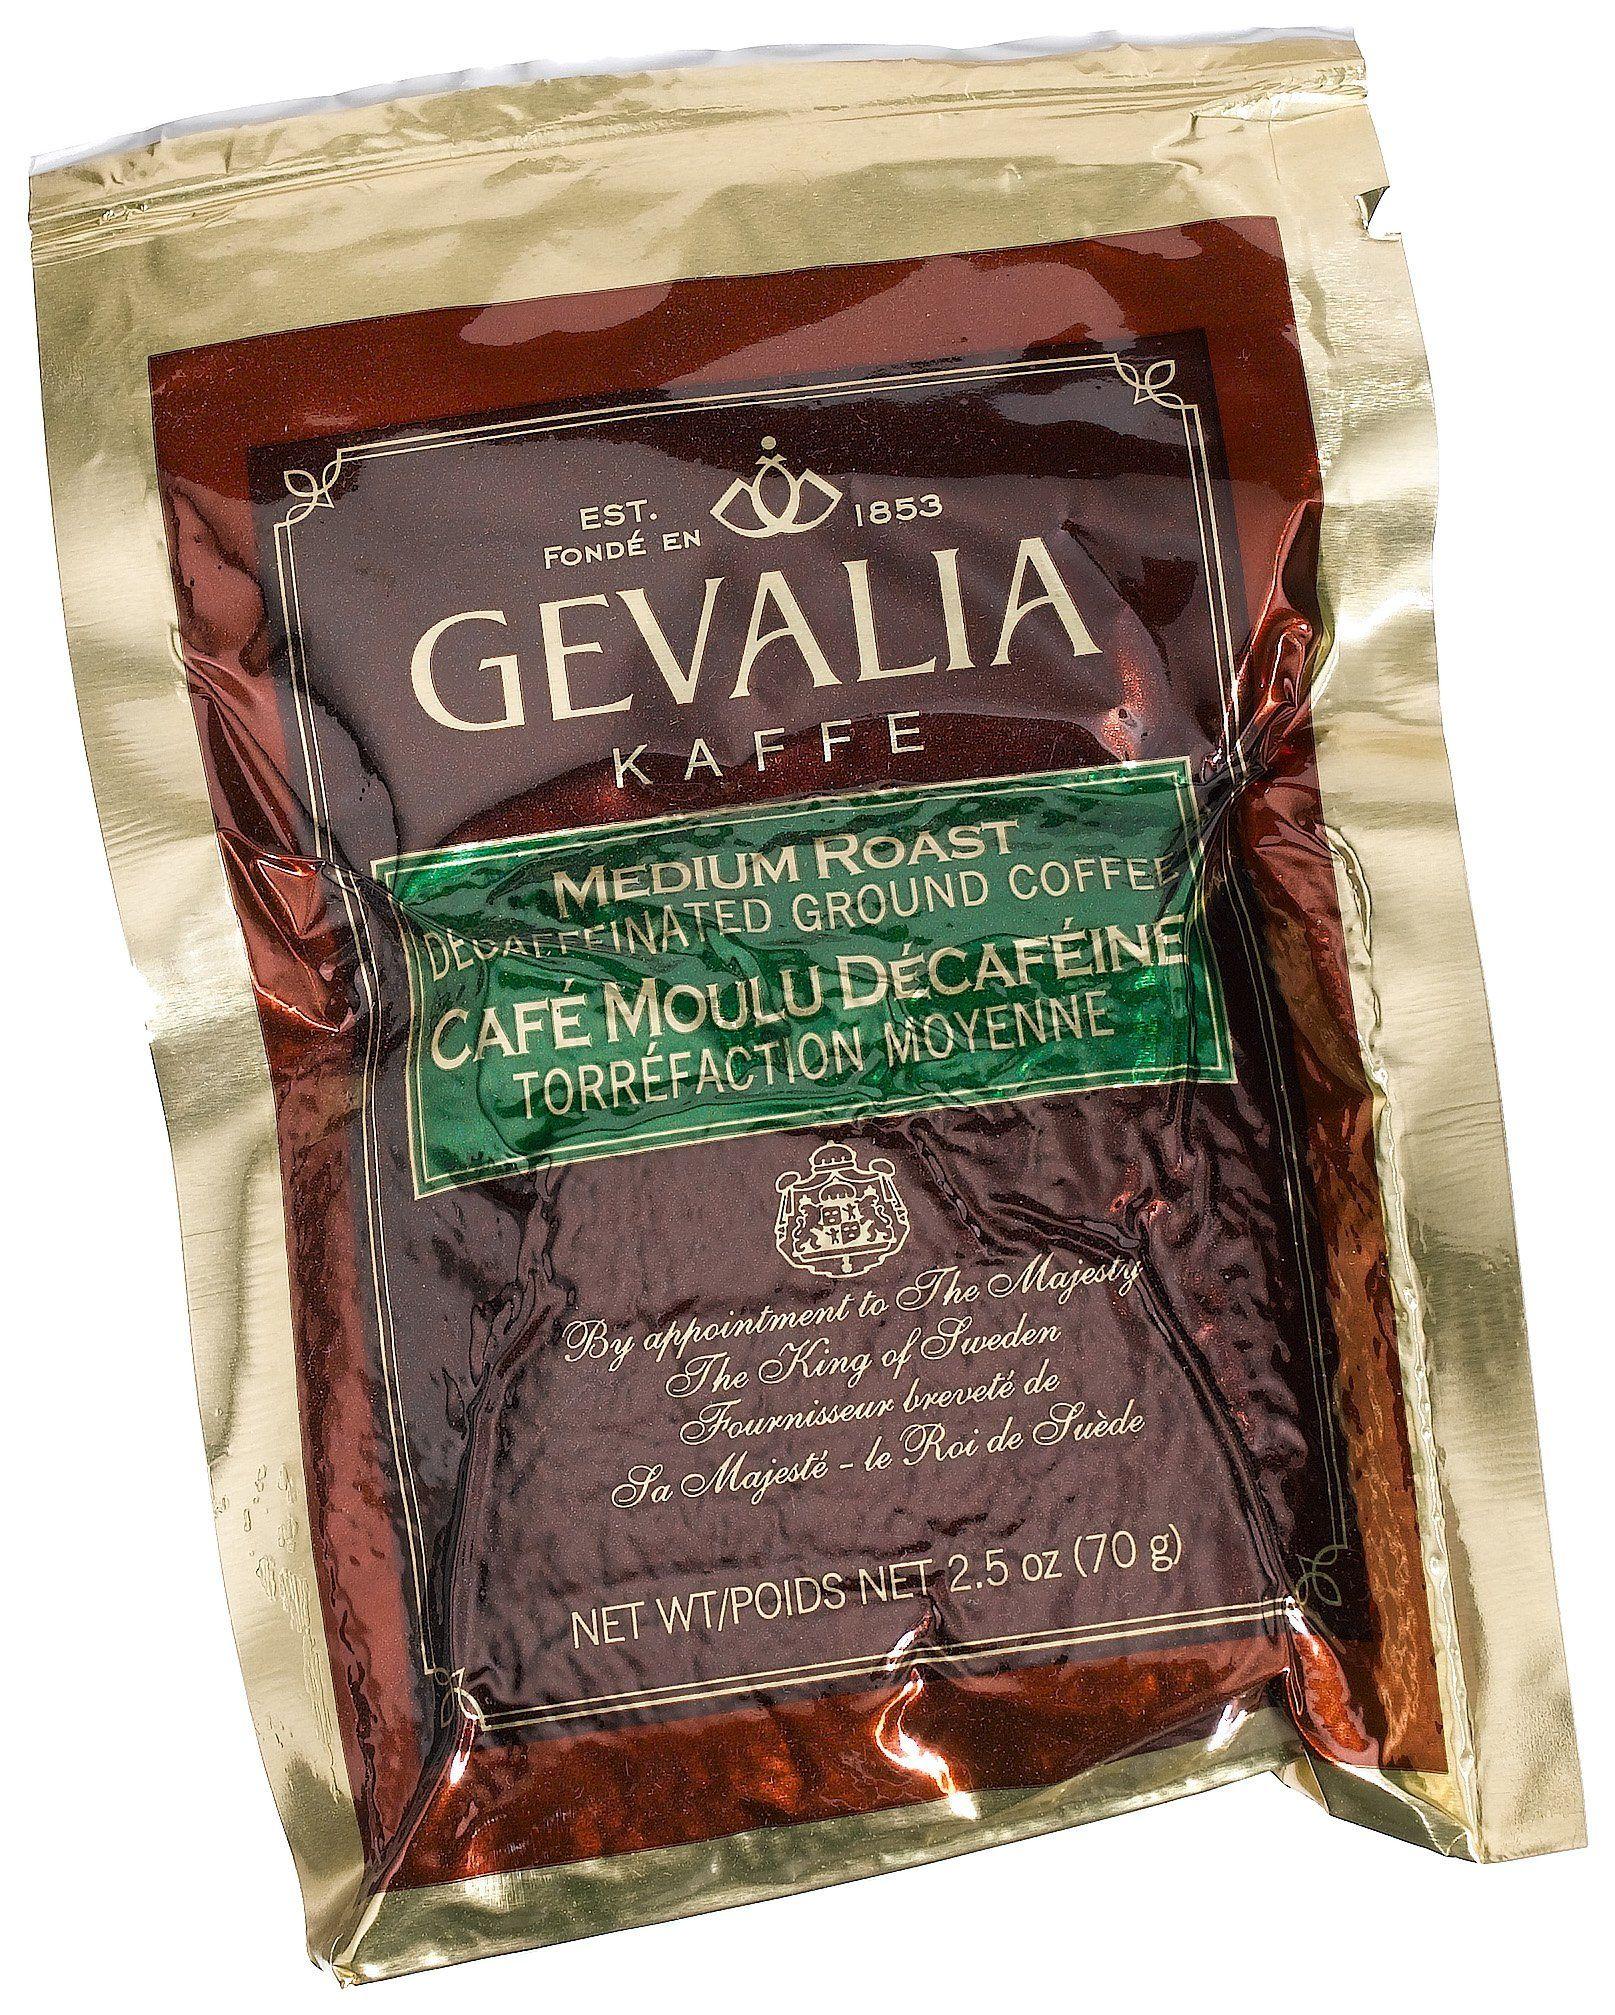 Gevalia House Blend Decaf Coffee 2.5 oz. pack Pack of 24